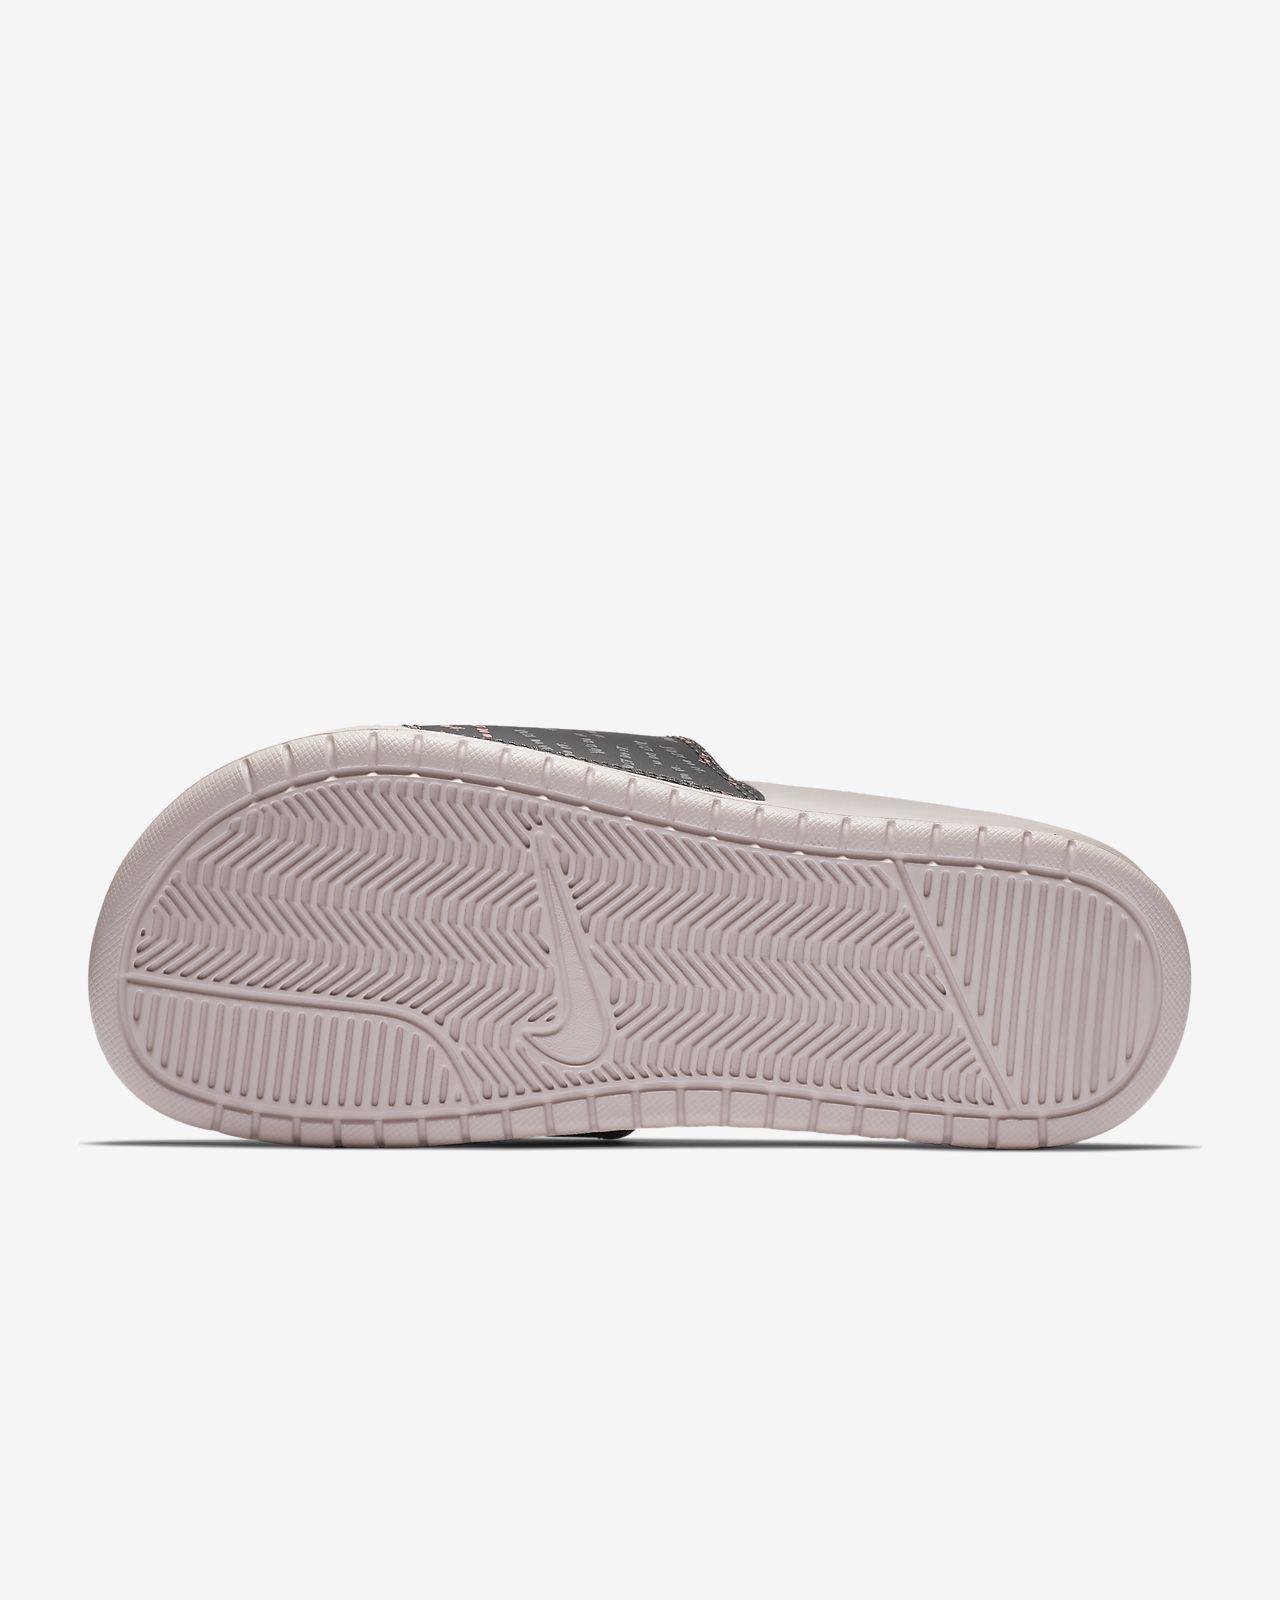 Femmes Nike Benassi Jdi Diapositives Powerpoint Impression bonne vente vente discount sortie eZ4QUN1xKN